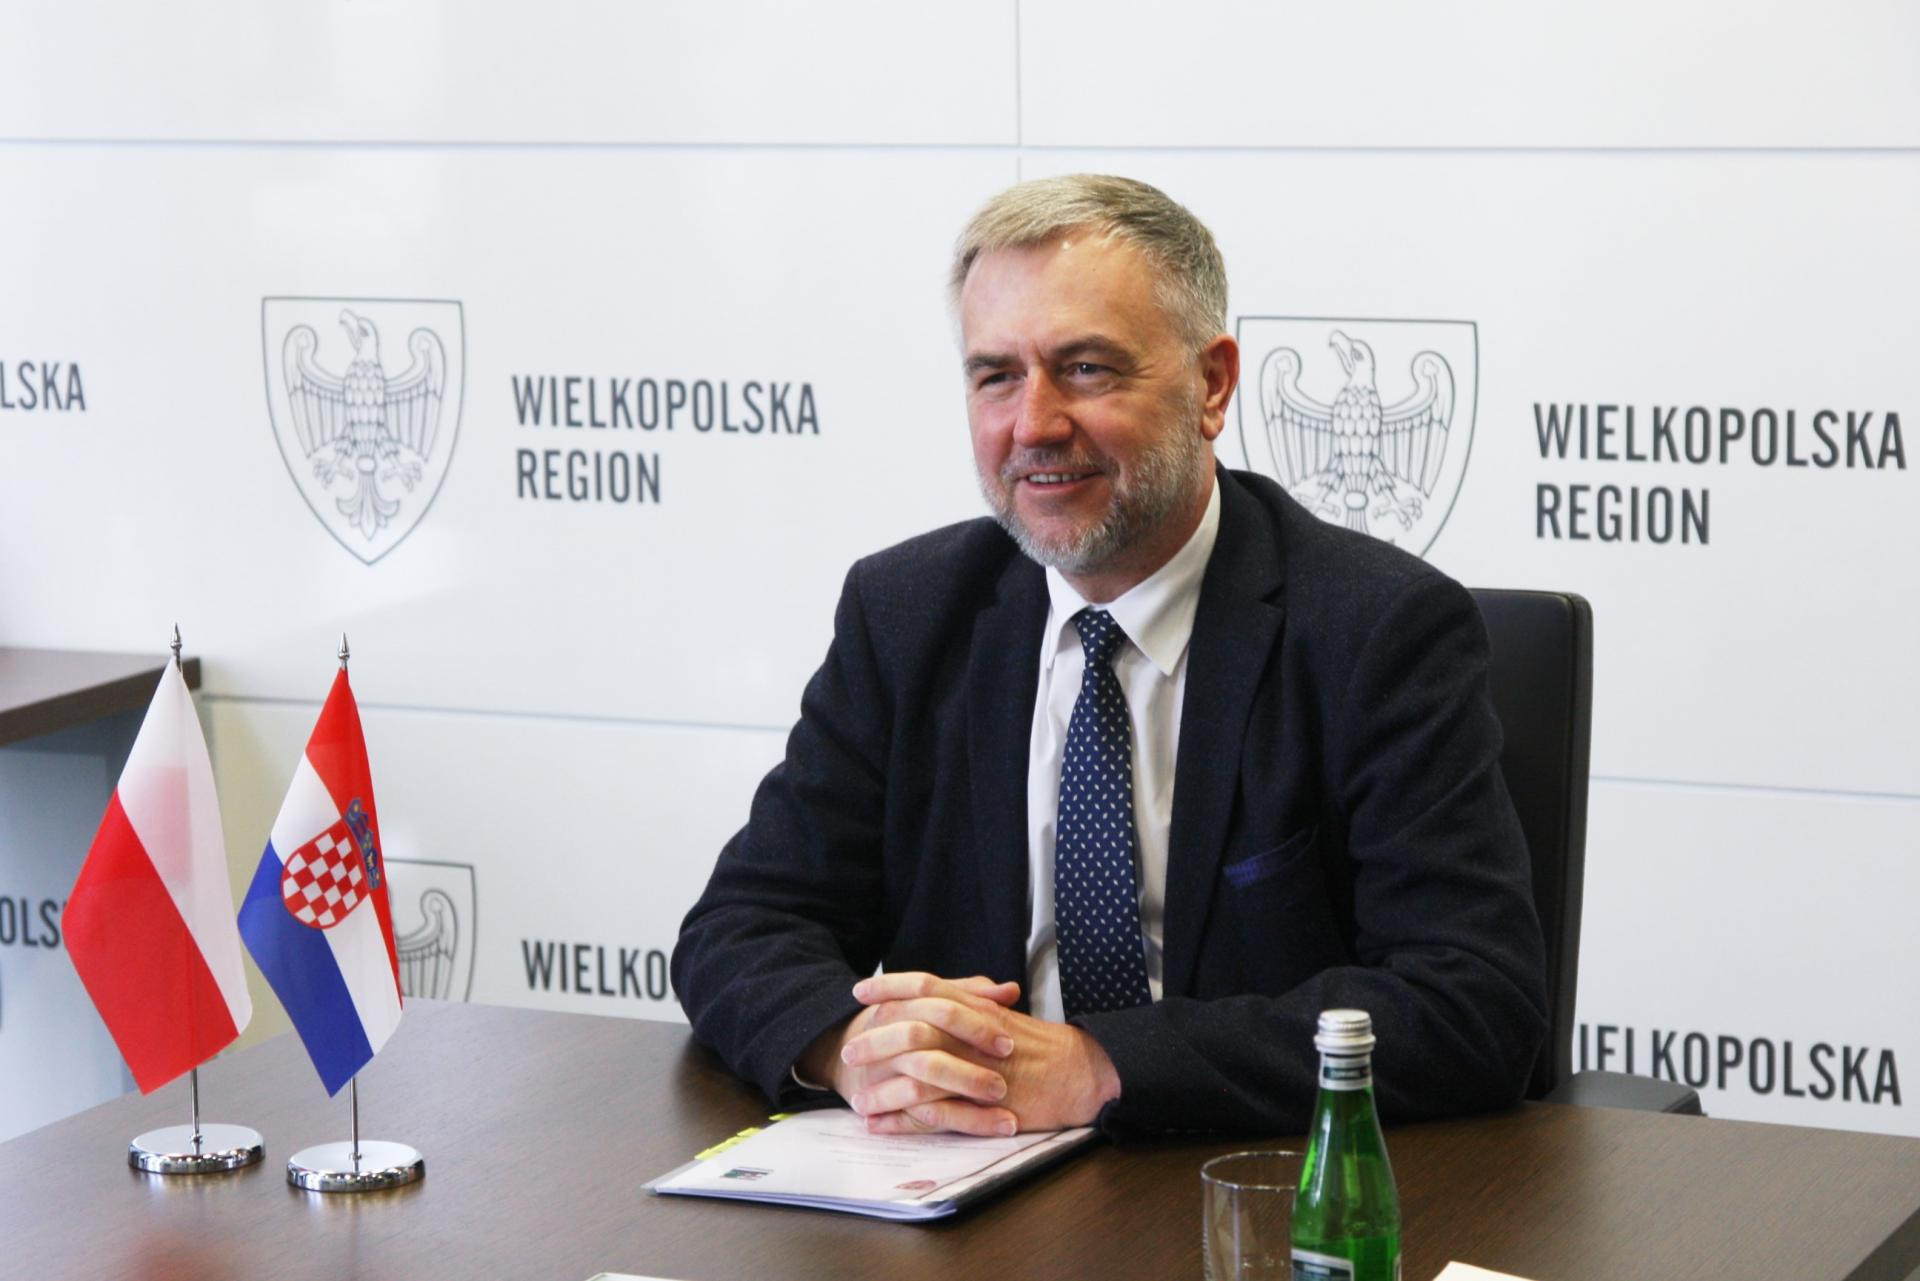 O przyszłości współpracy Wielkopolski i chorwackiej Żupanii Vukovarsko-Srijemskiej – spotkanie online  - zobacz więcej